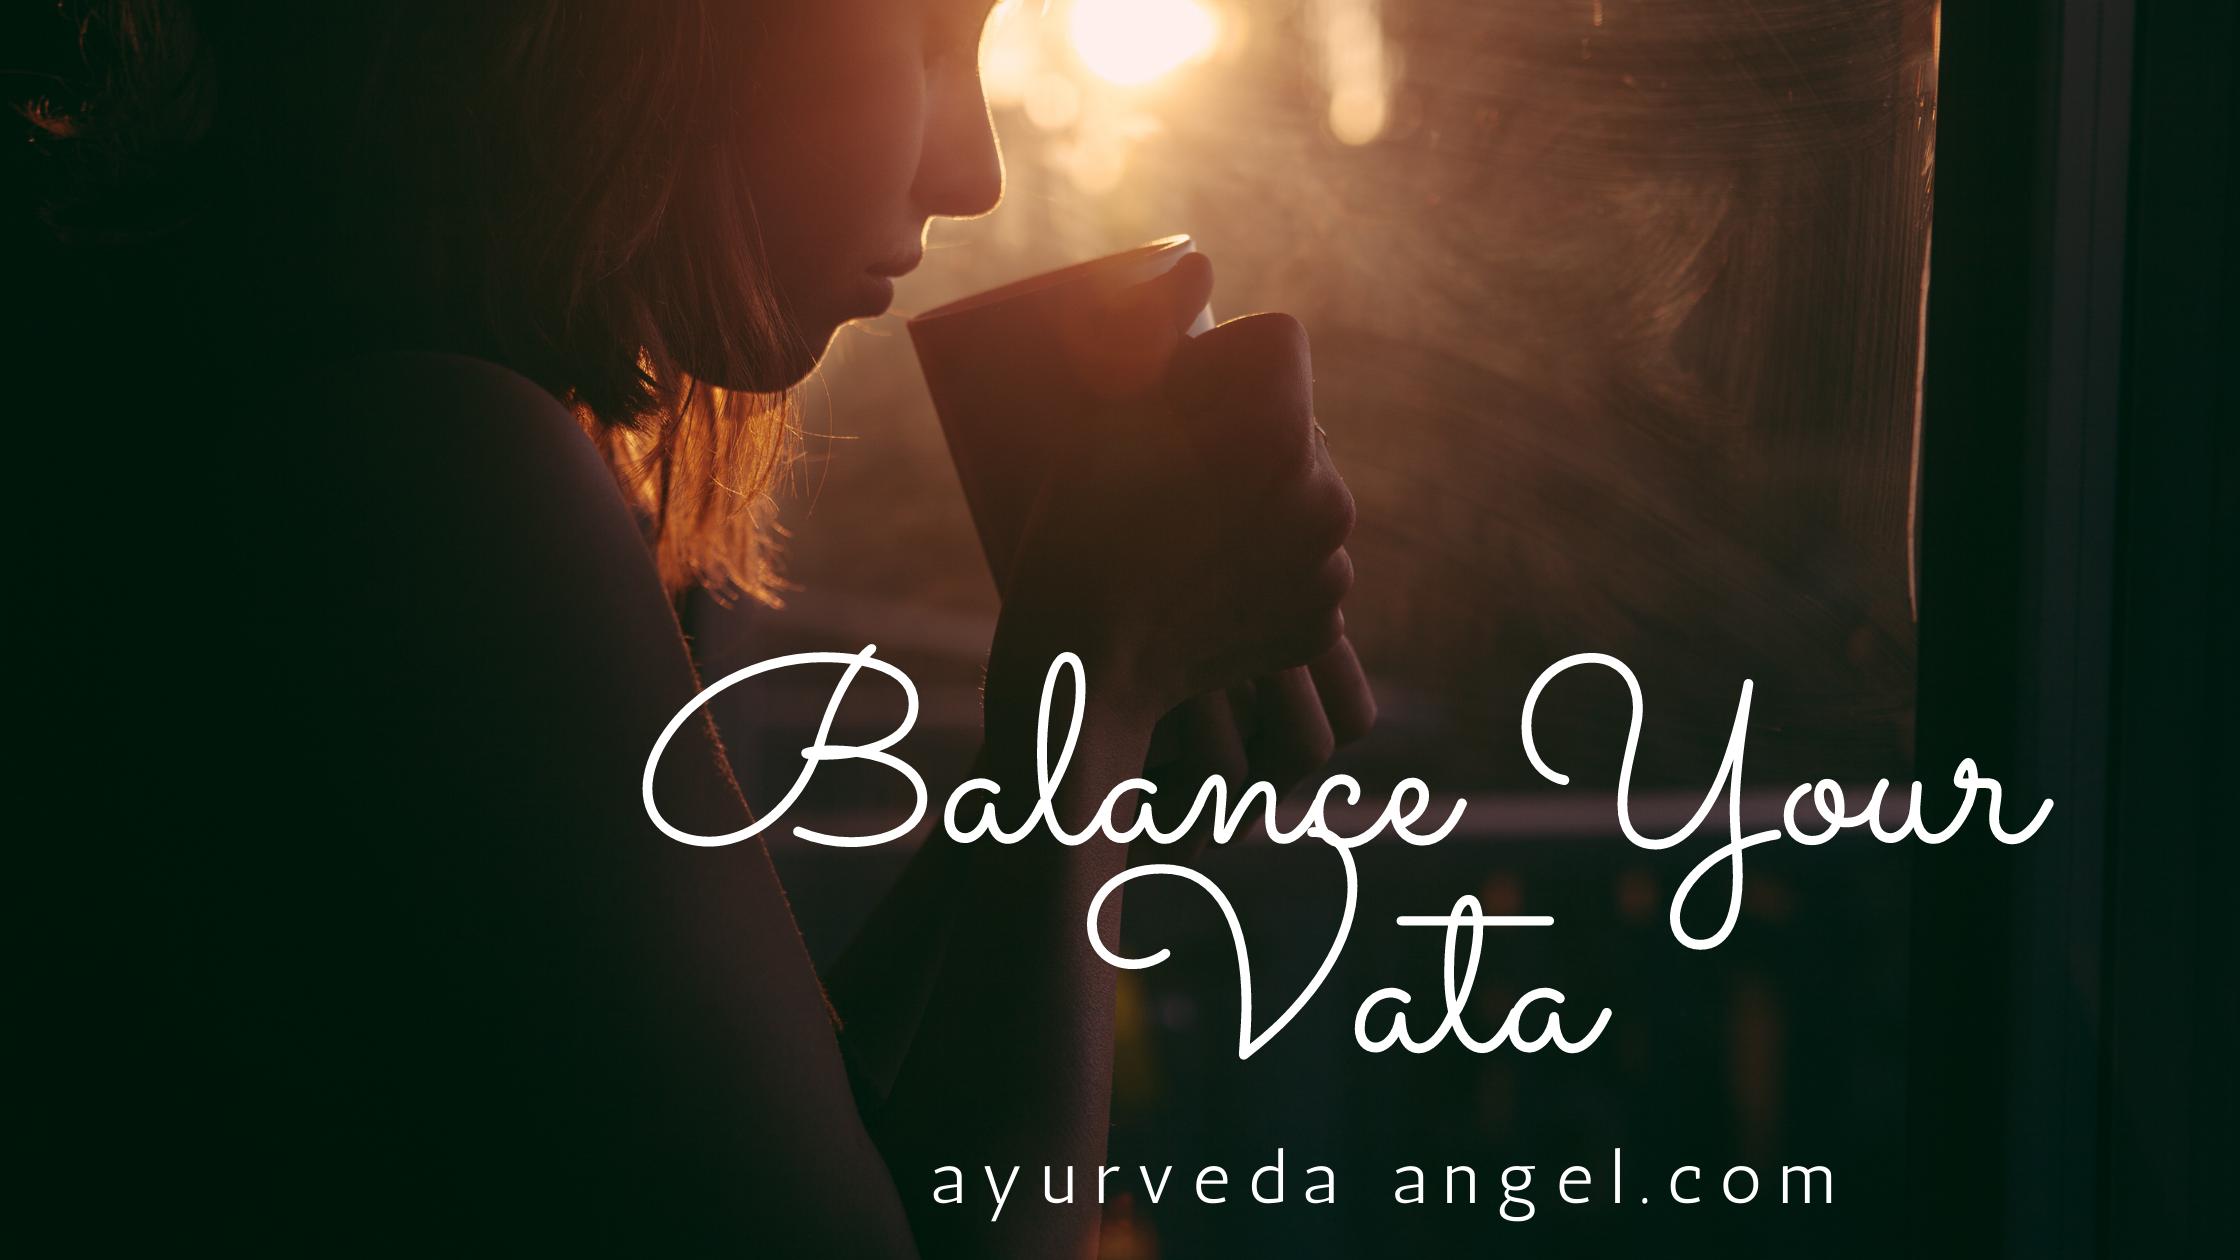 vata imbalance